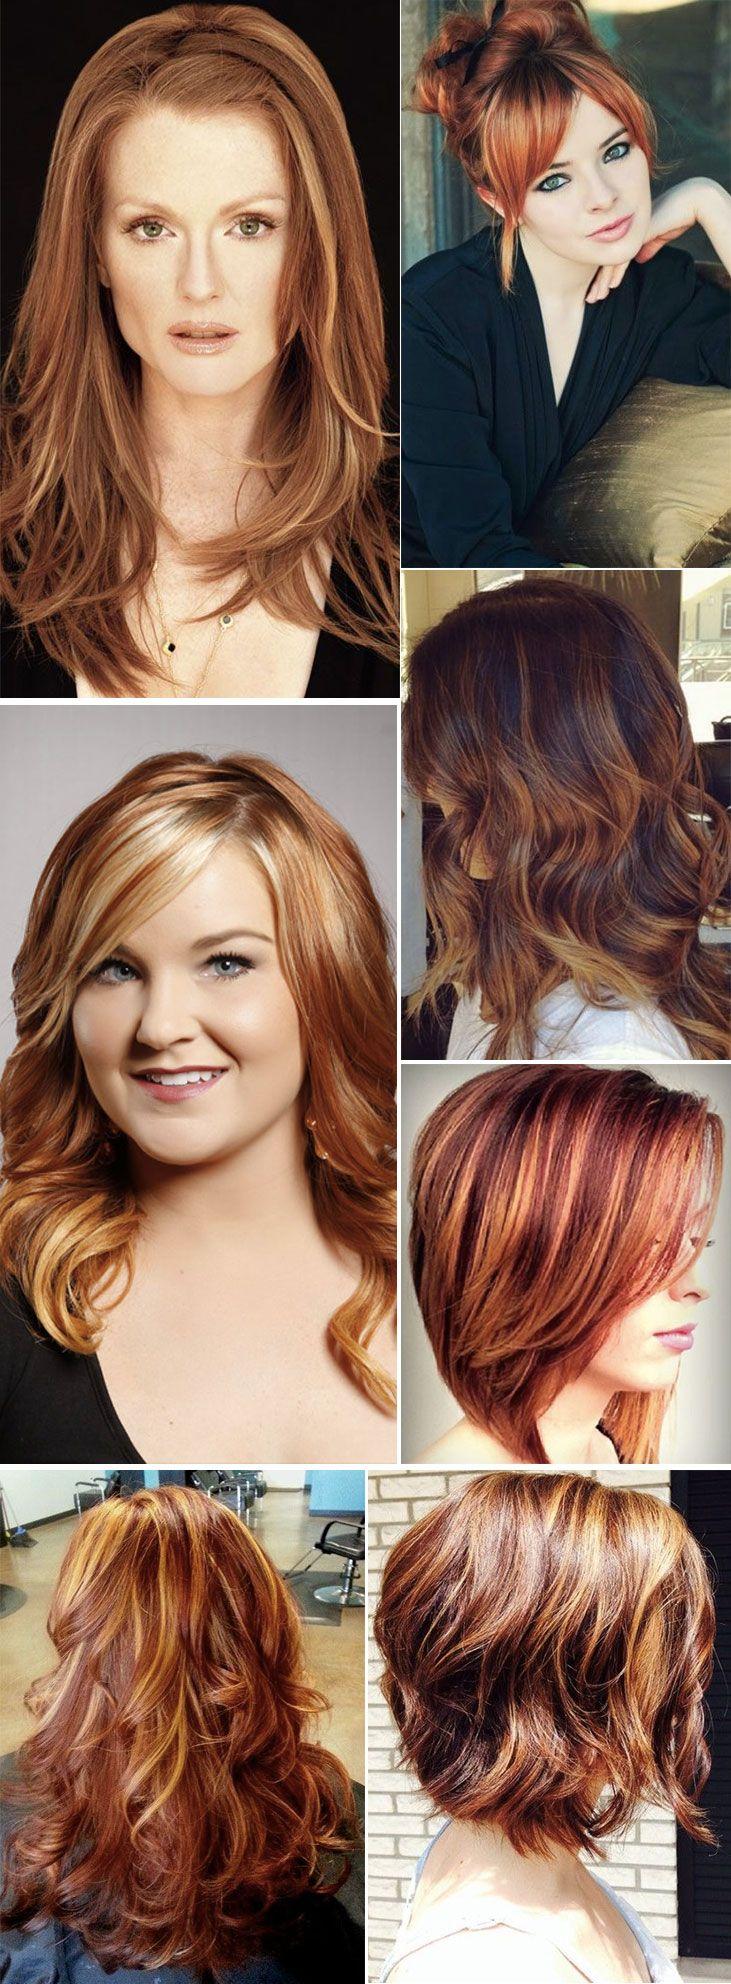 Inspirações de cabelos com luzes: ruivos